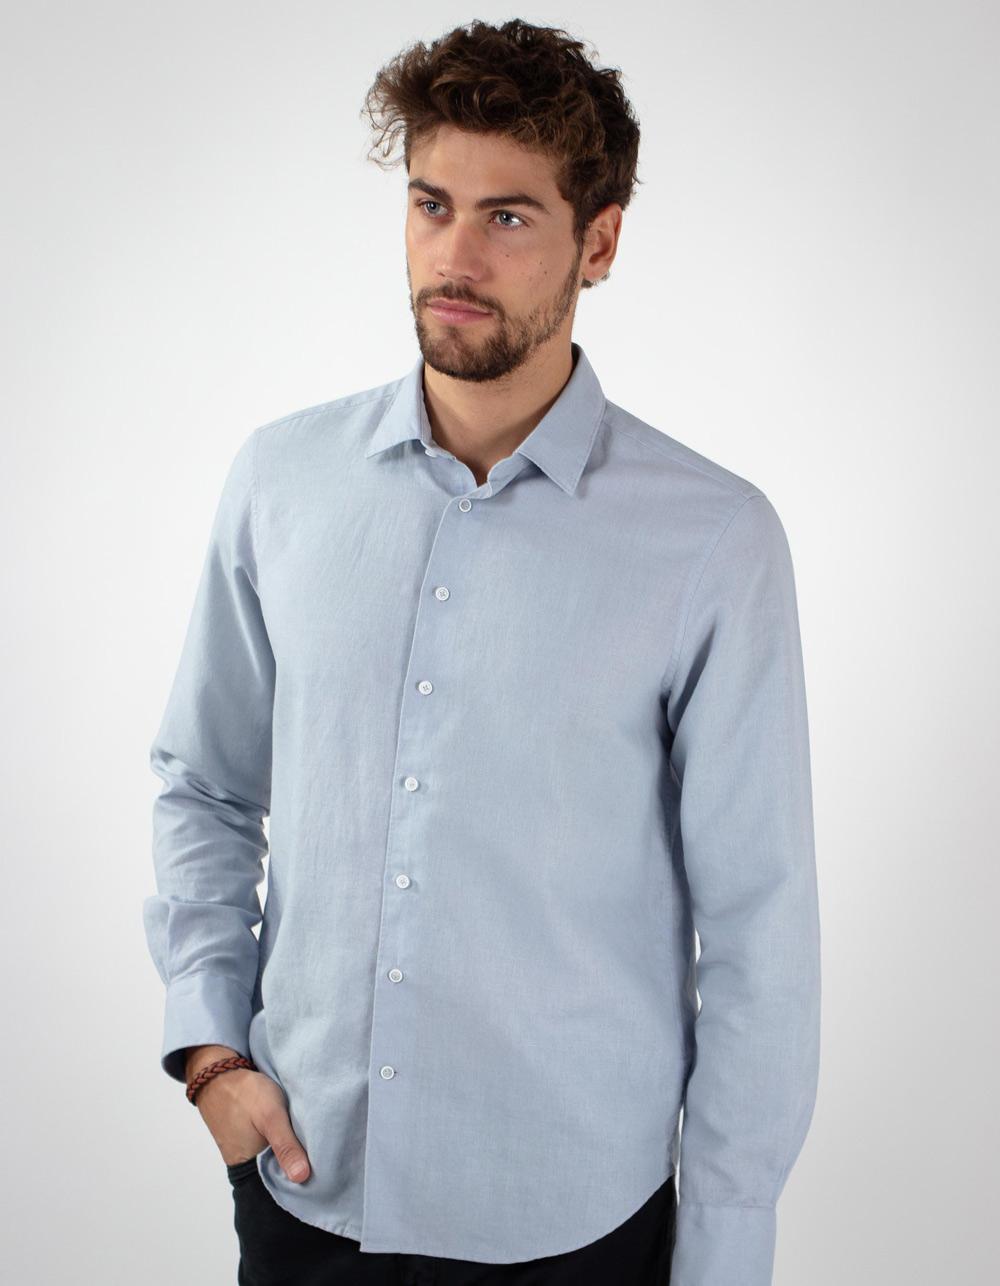 71c82c2bc3 Camisas de hombre: estampadas, lisas, de lino | Comprar en MACSON